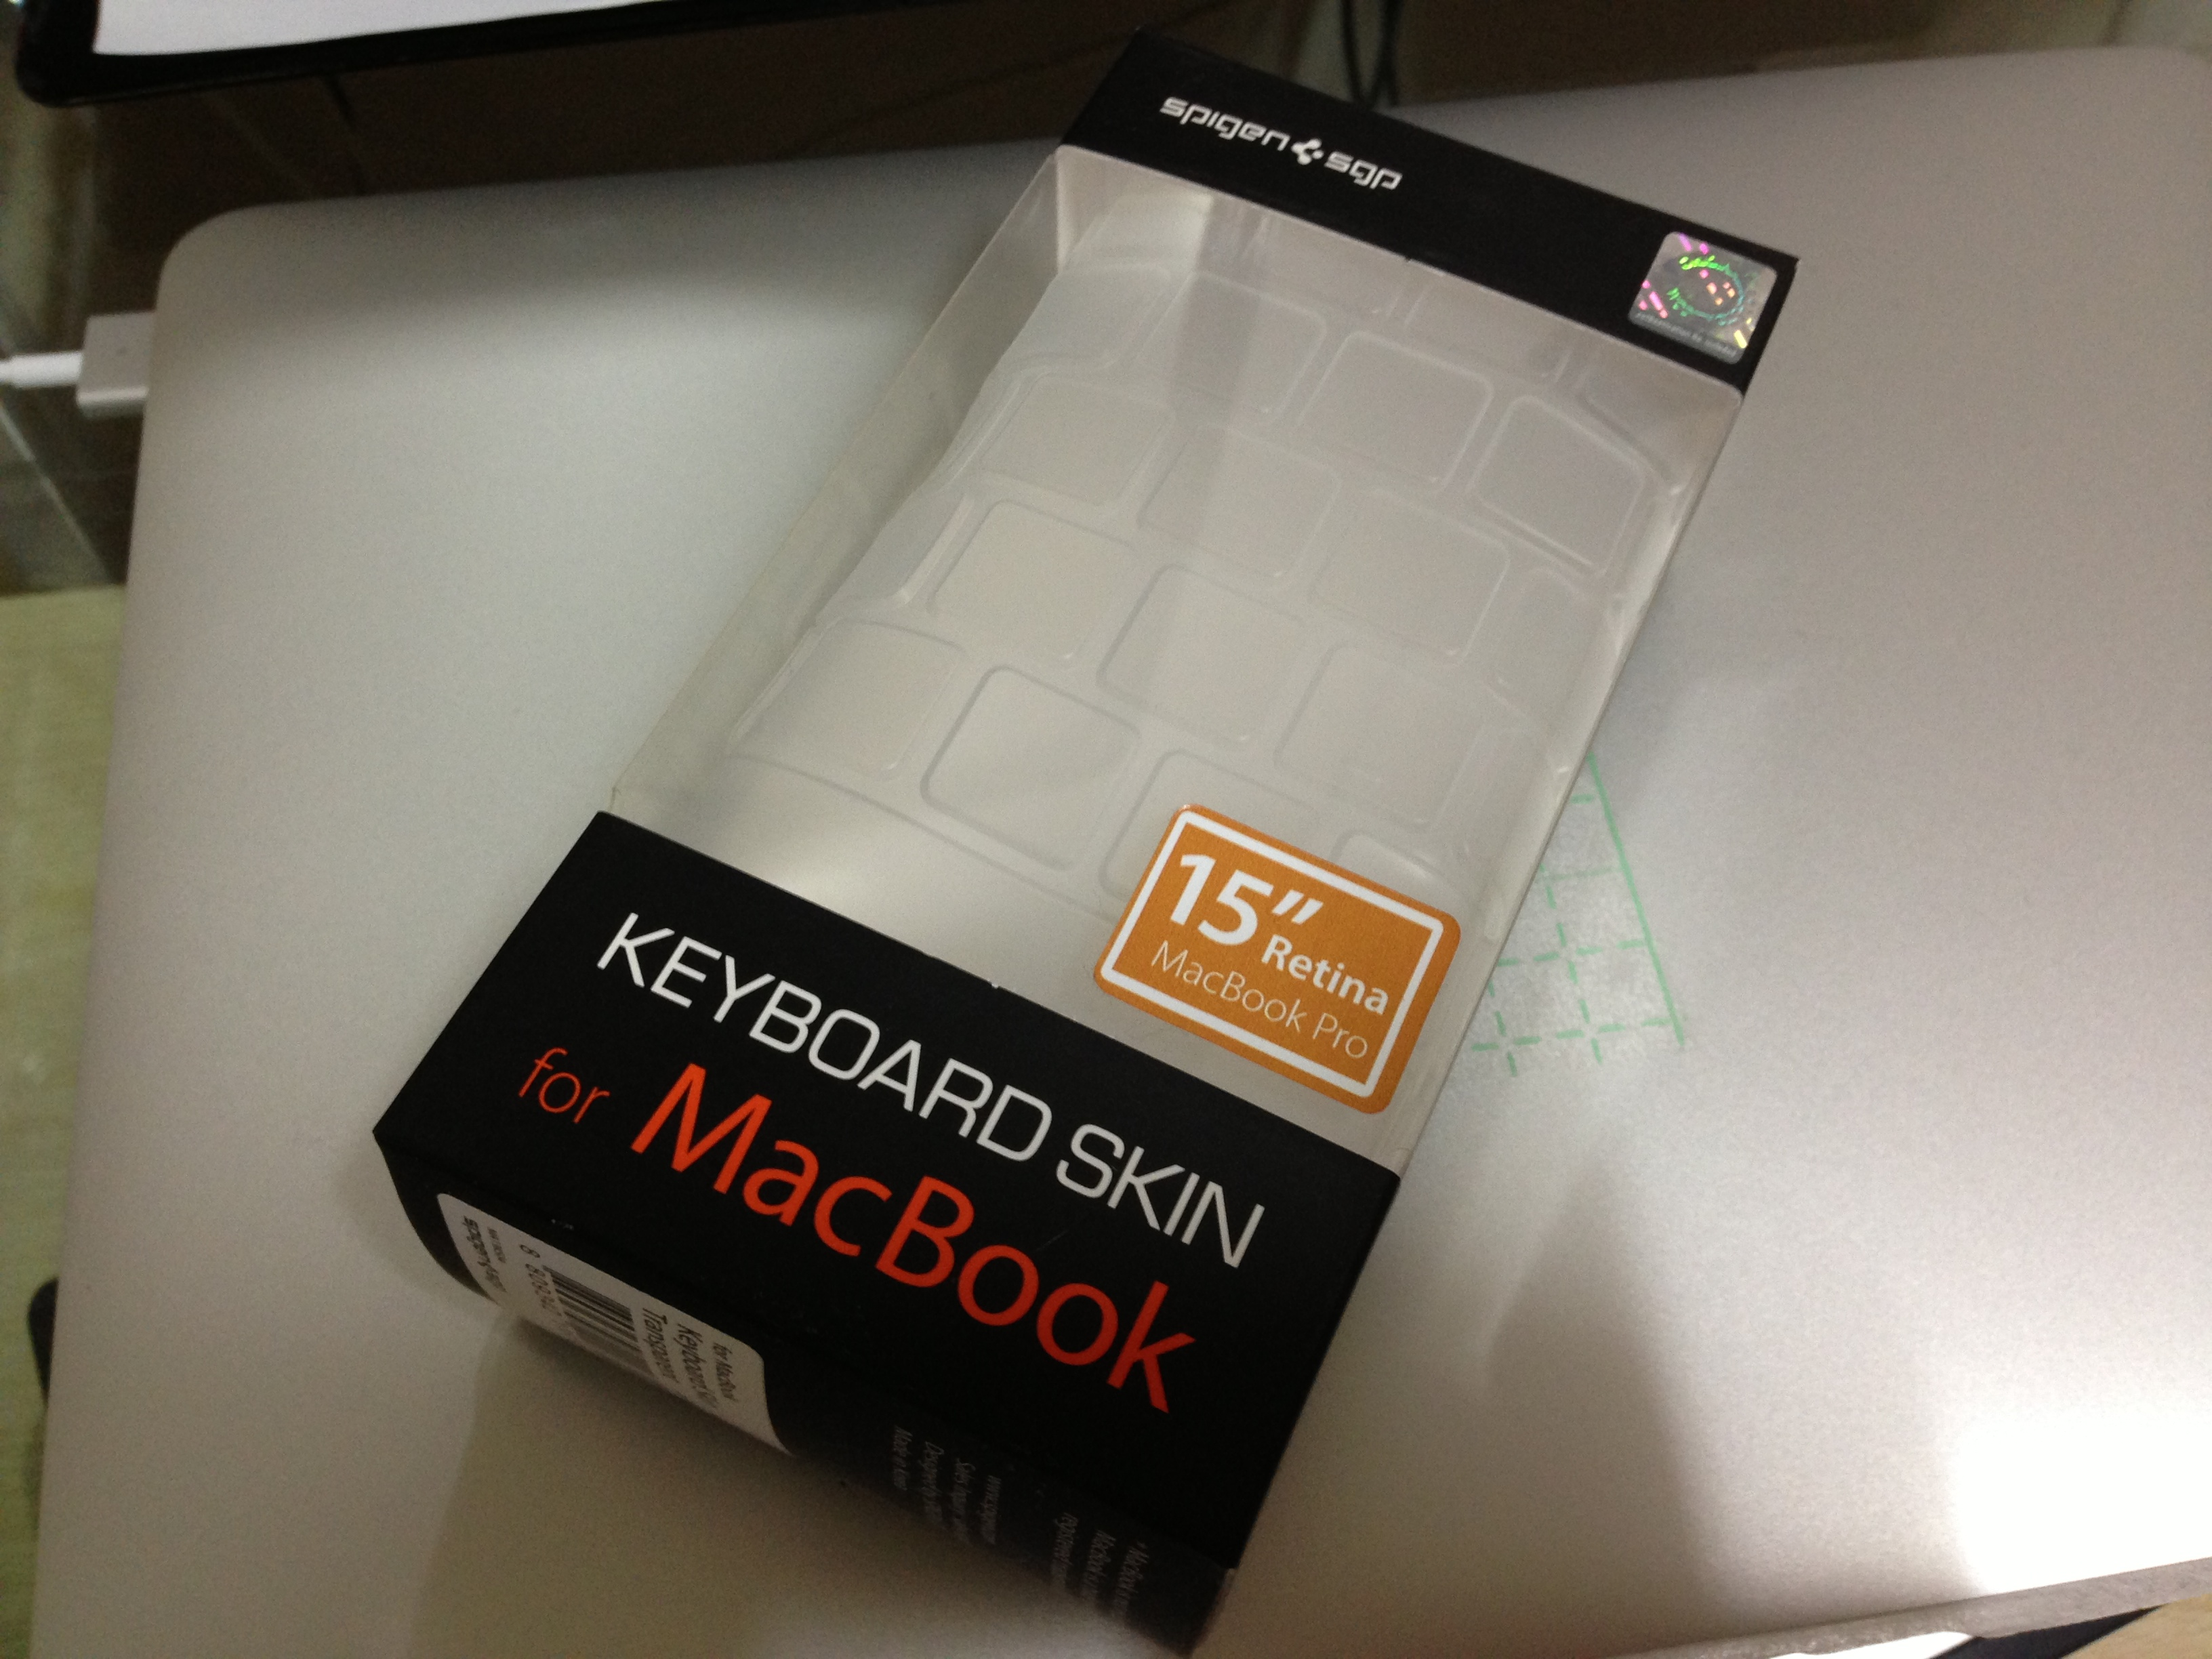 애플 맥북 프로 레티나 SGP 키스킨 구입